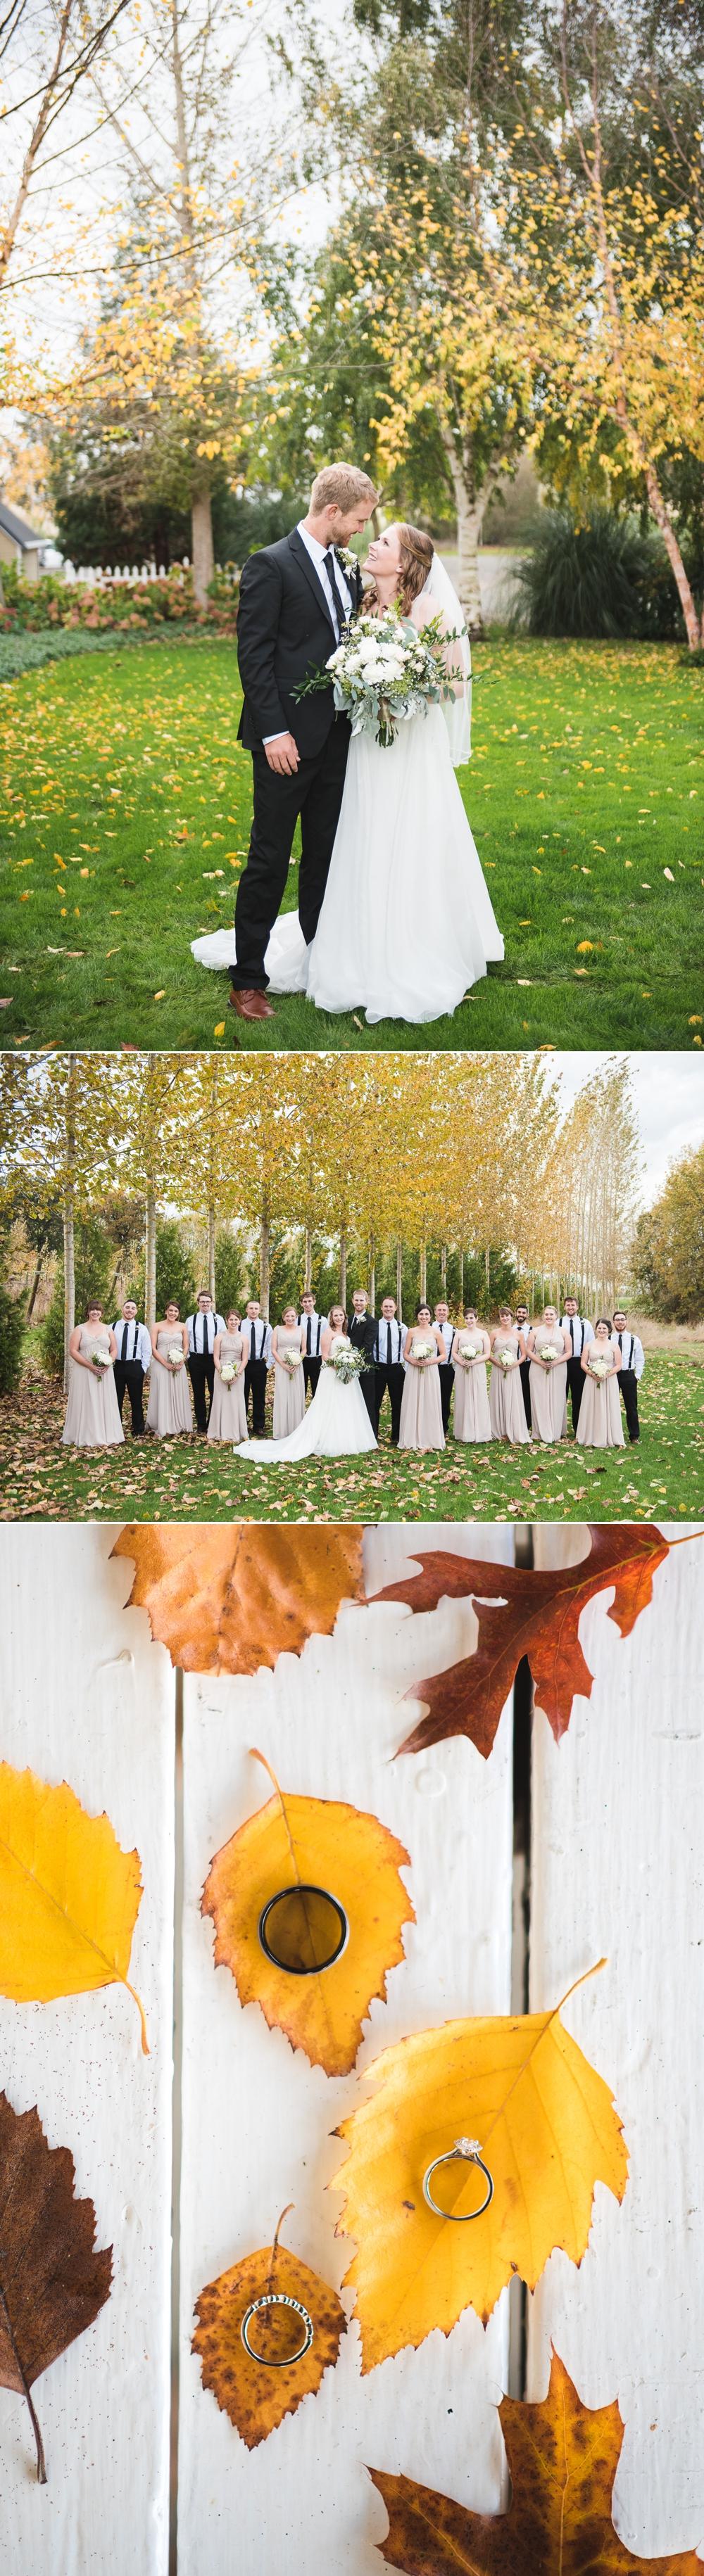 Sophia + Rodney Wedding 15.jpg